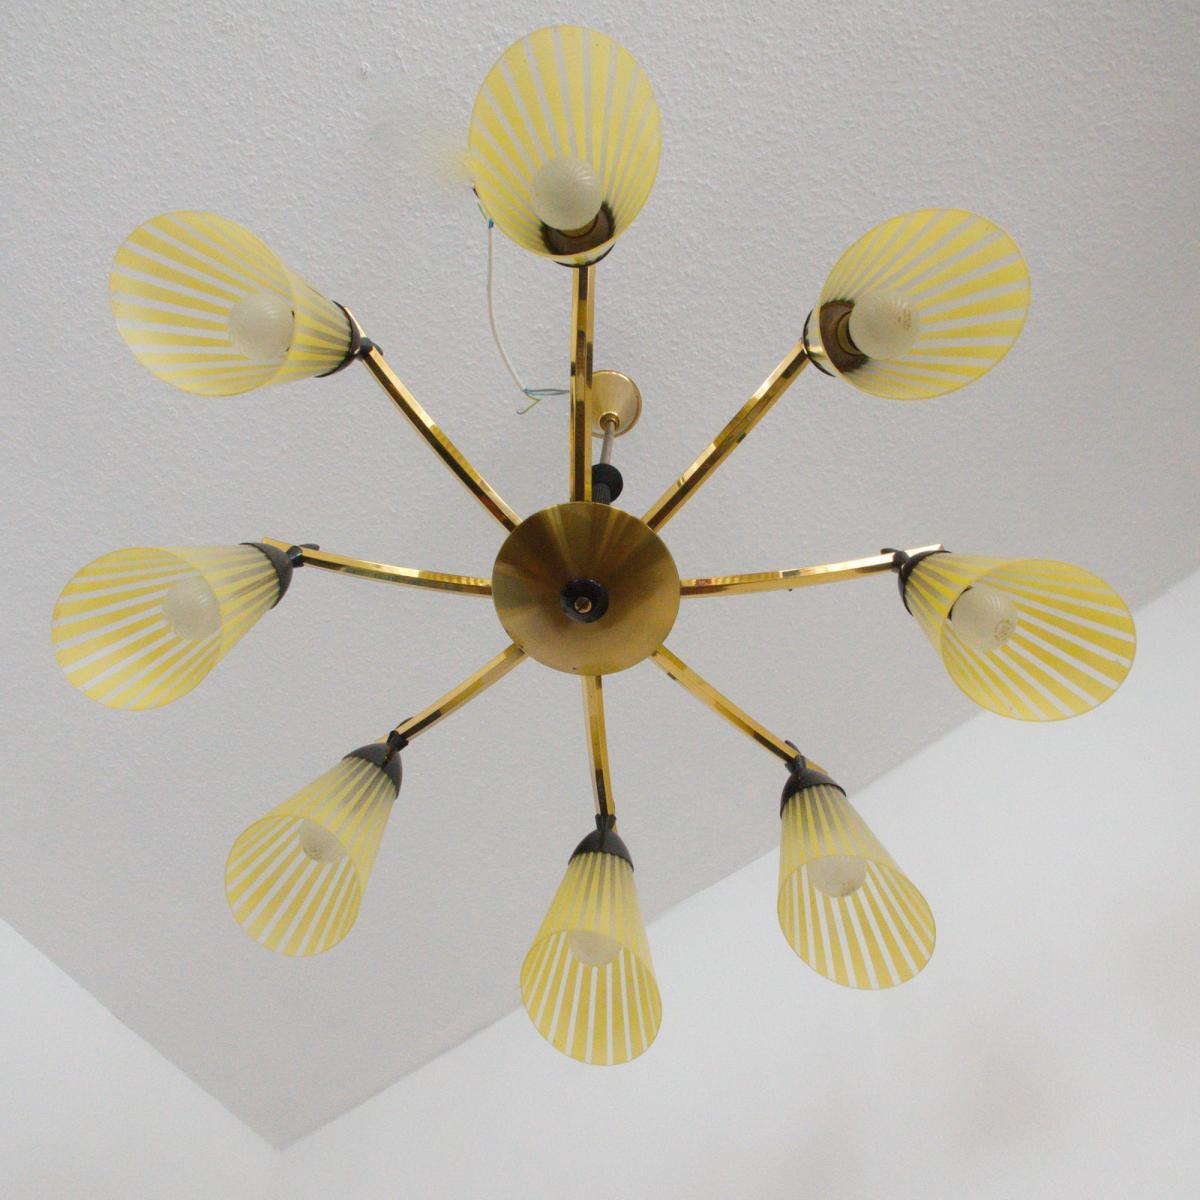 8 armiger leuchter chandelier prunk deckenlampe glastüten true vintage 50er rar 0